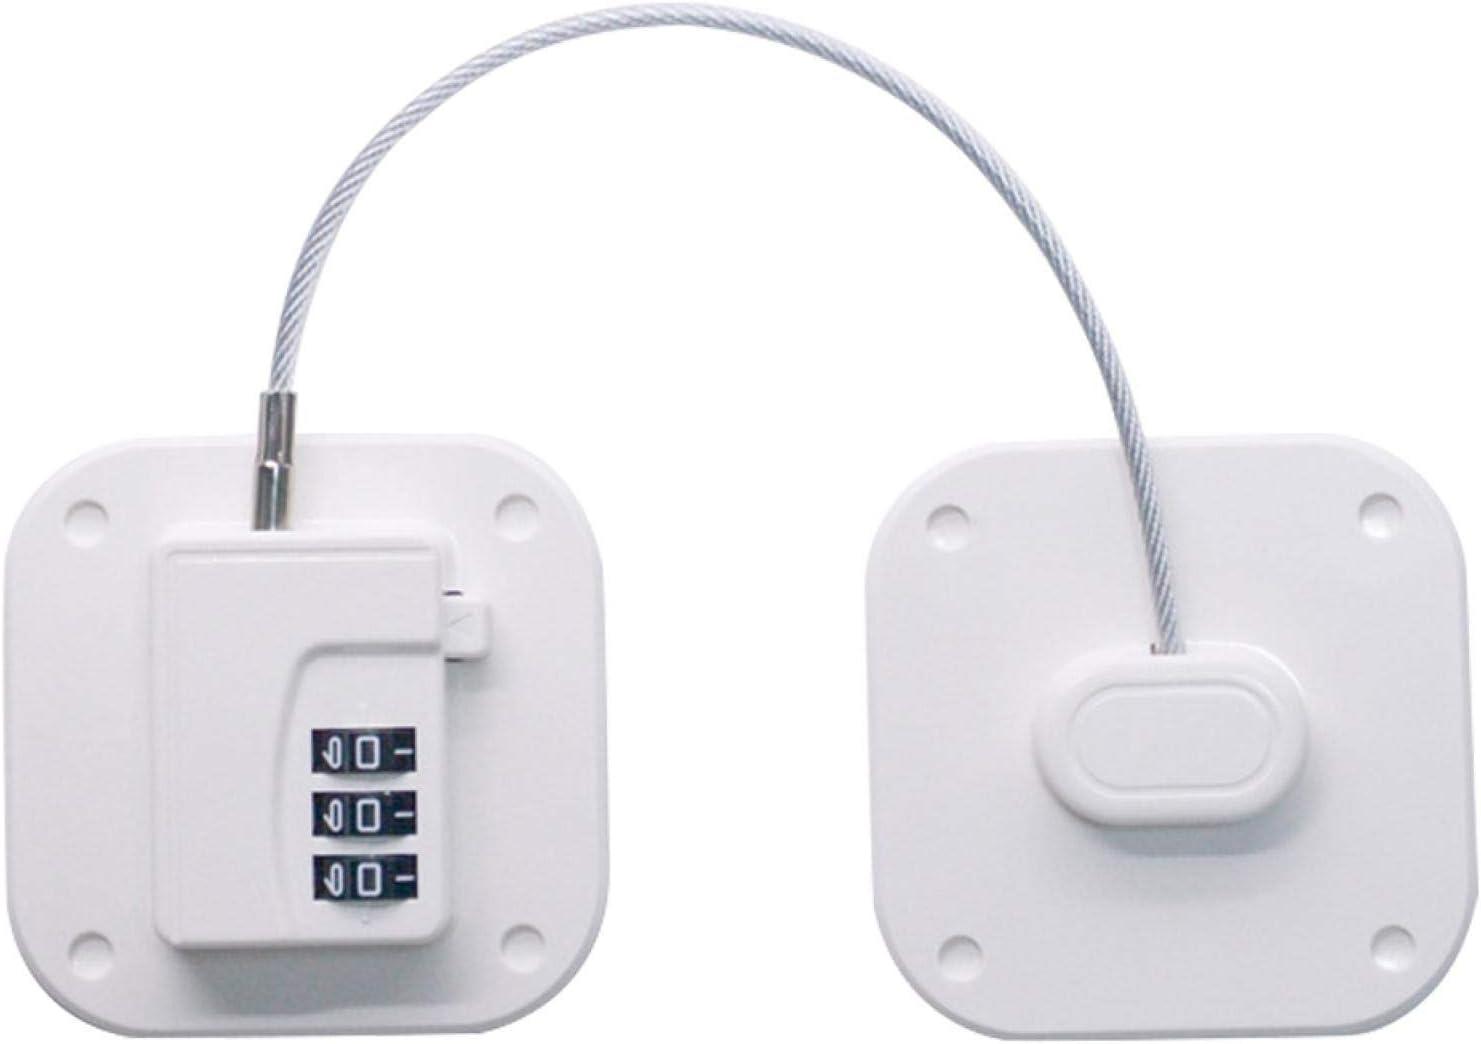 ZDYS - Cerradura para frigorífico con 3 contraseñas digitales para armarios de seguridad para niños con adhesivo fuerte para colocar en la puerta del congelador, cajón